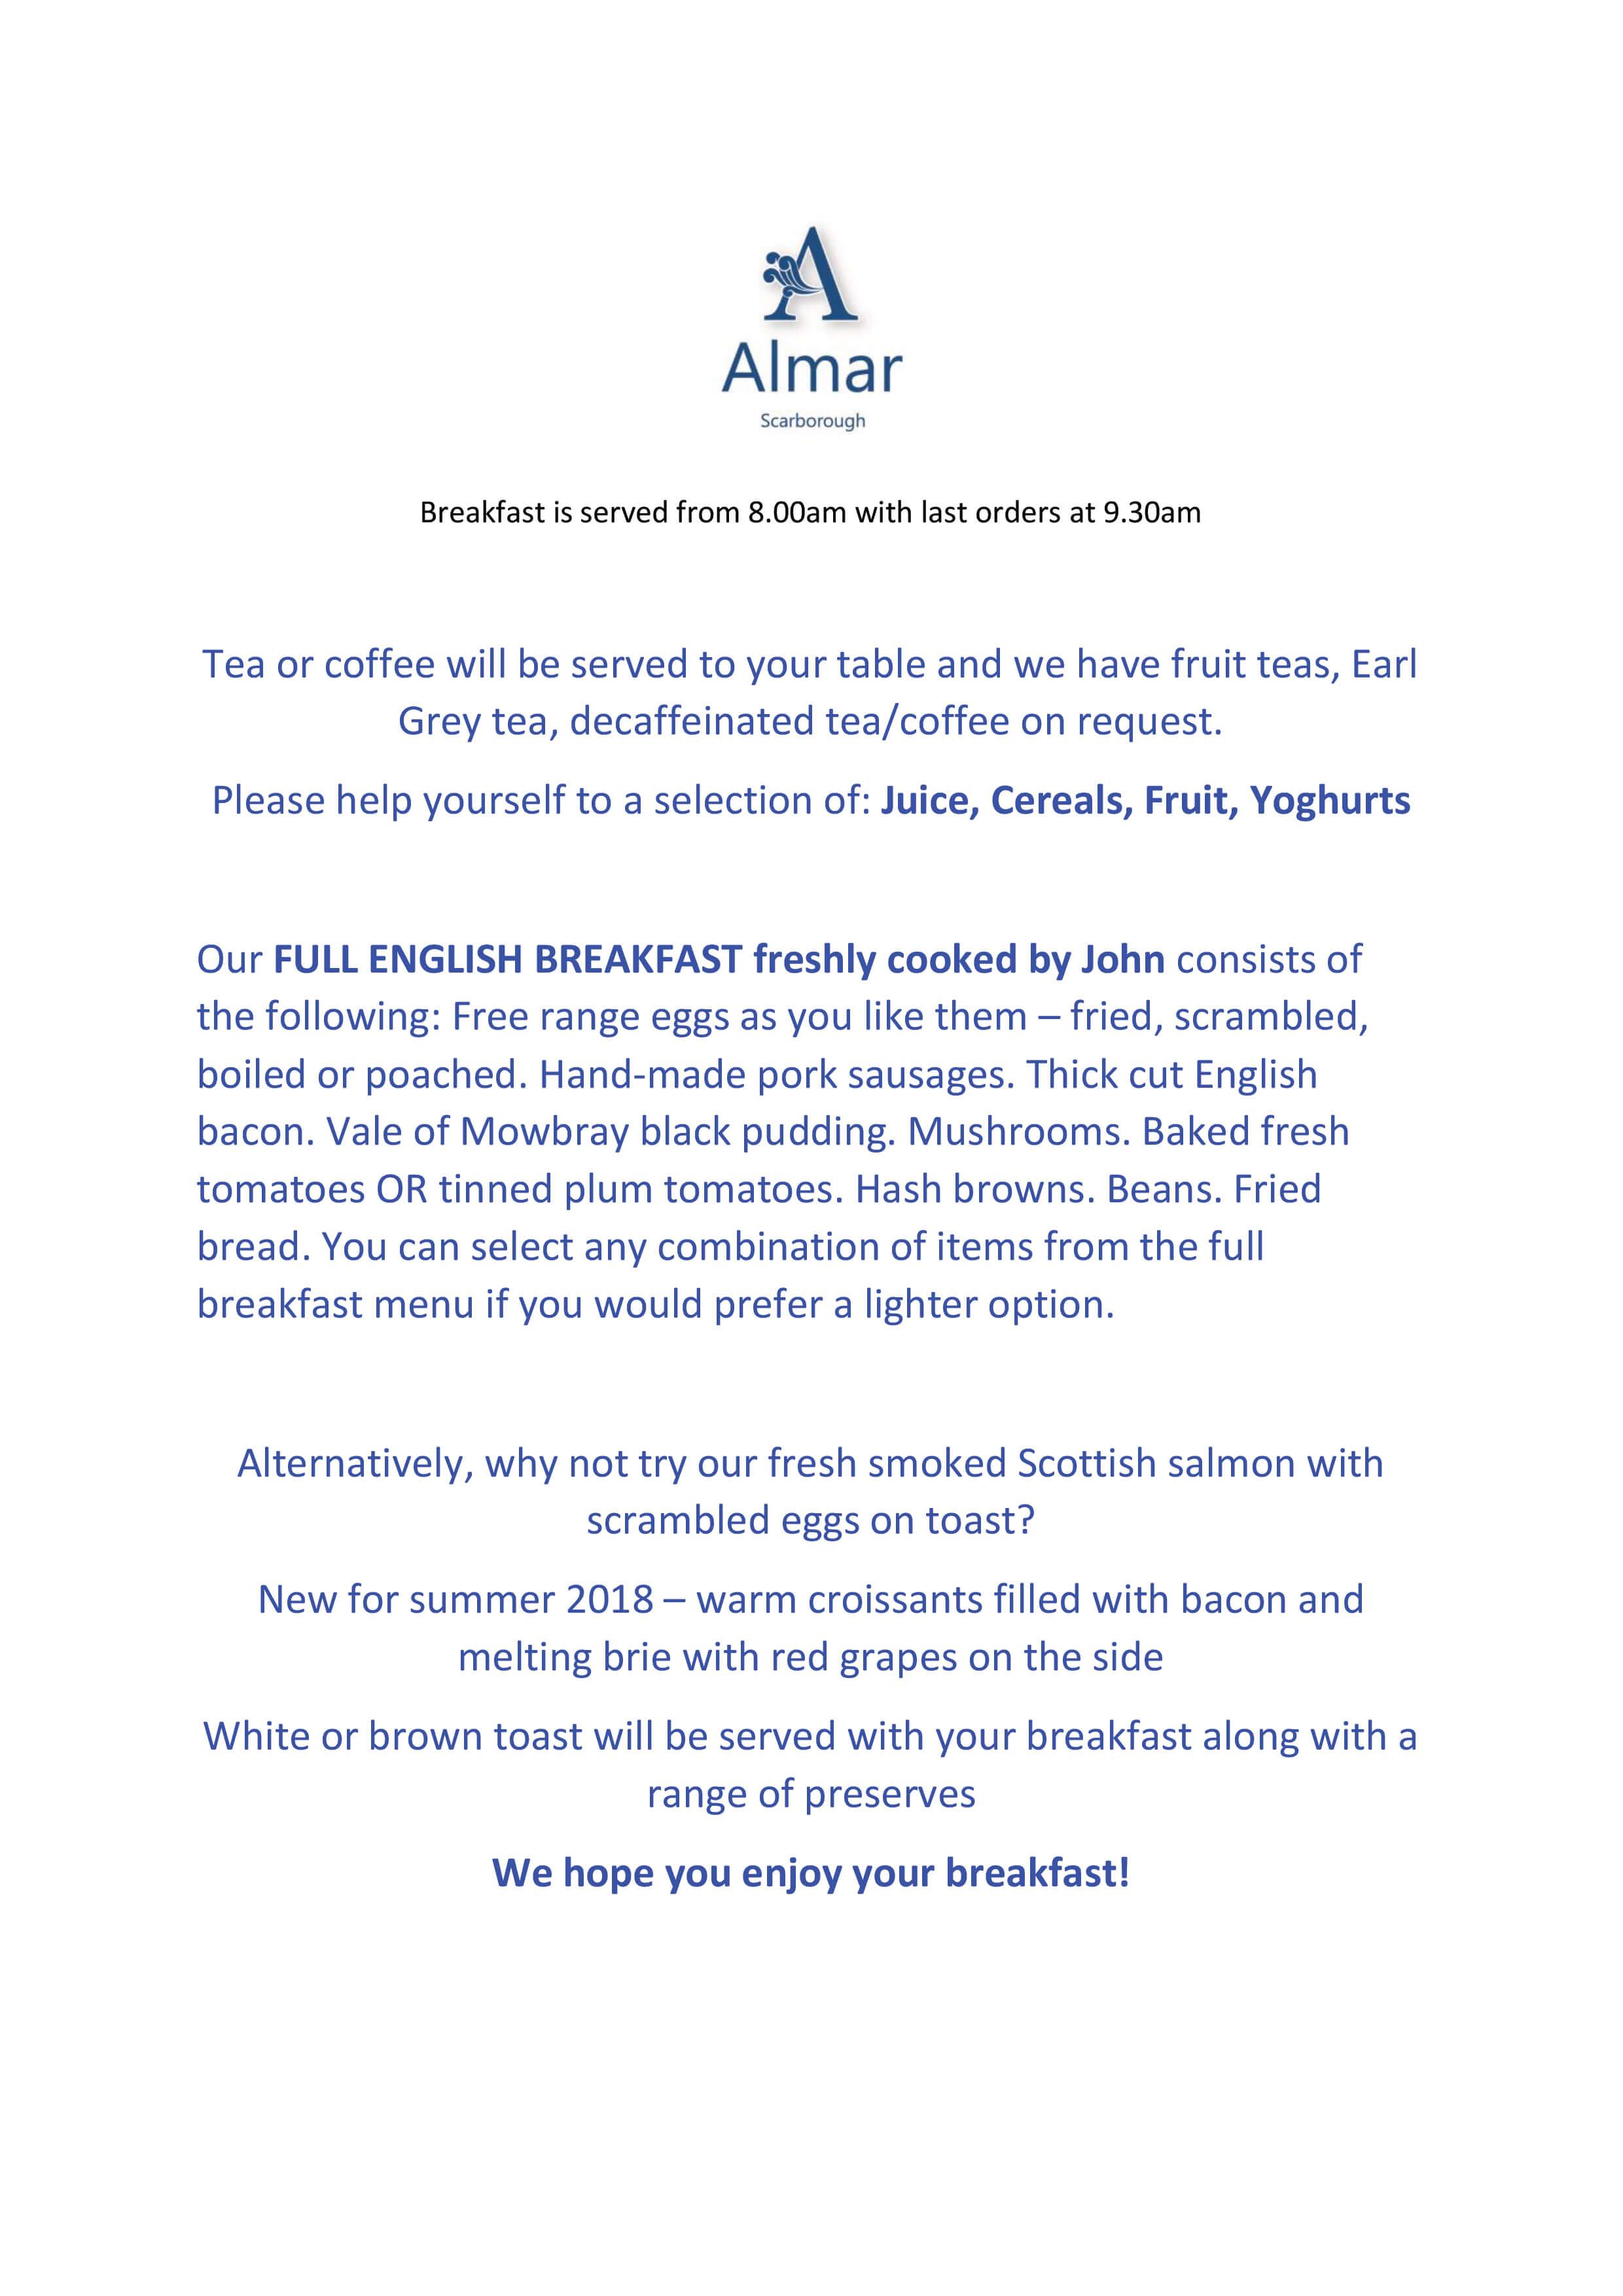 Breakfast - The Almar Guest House